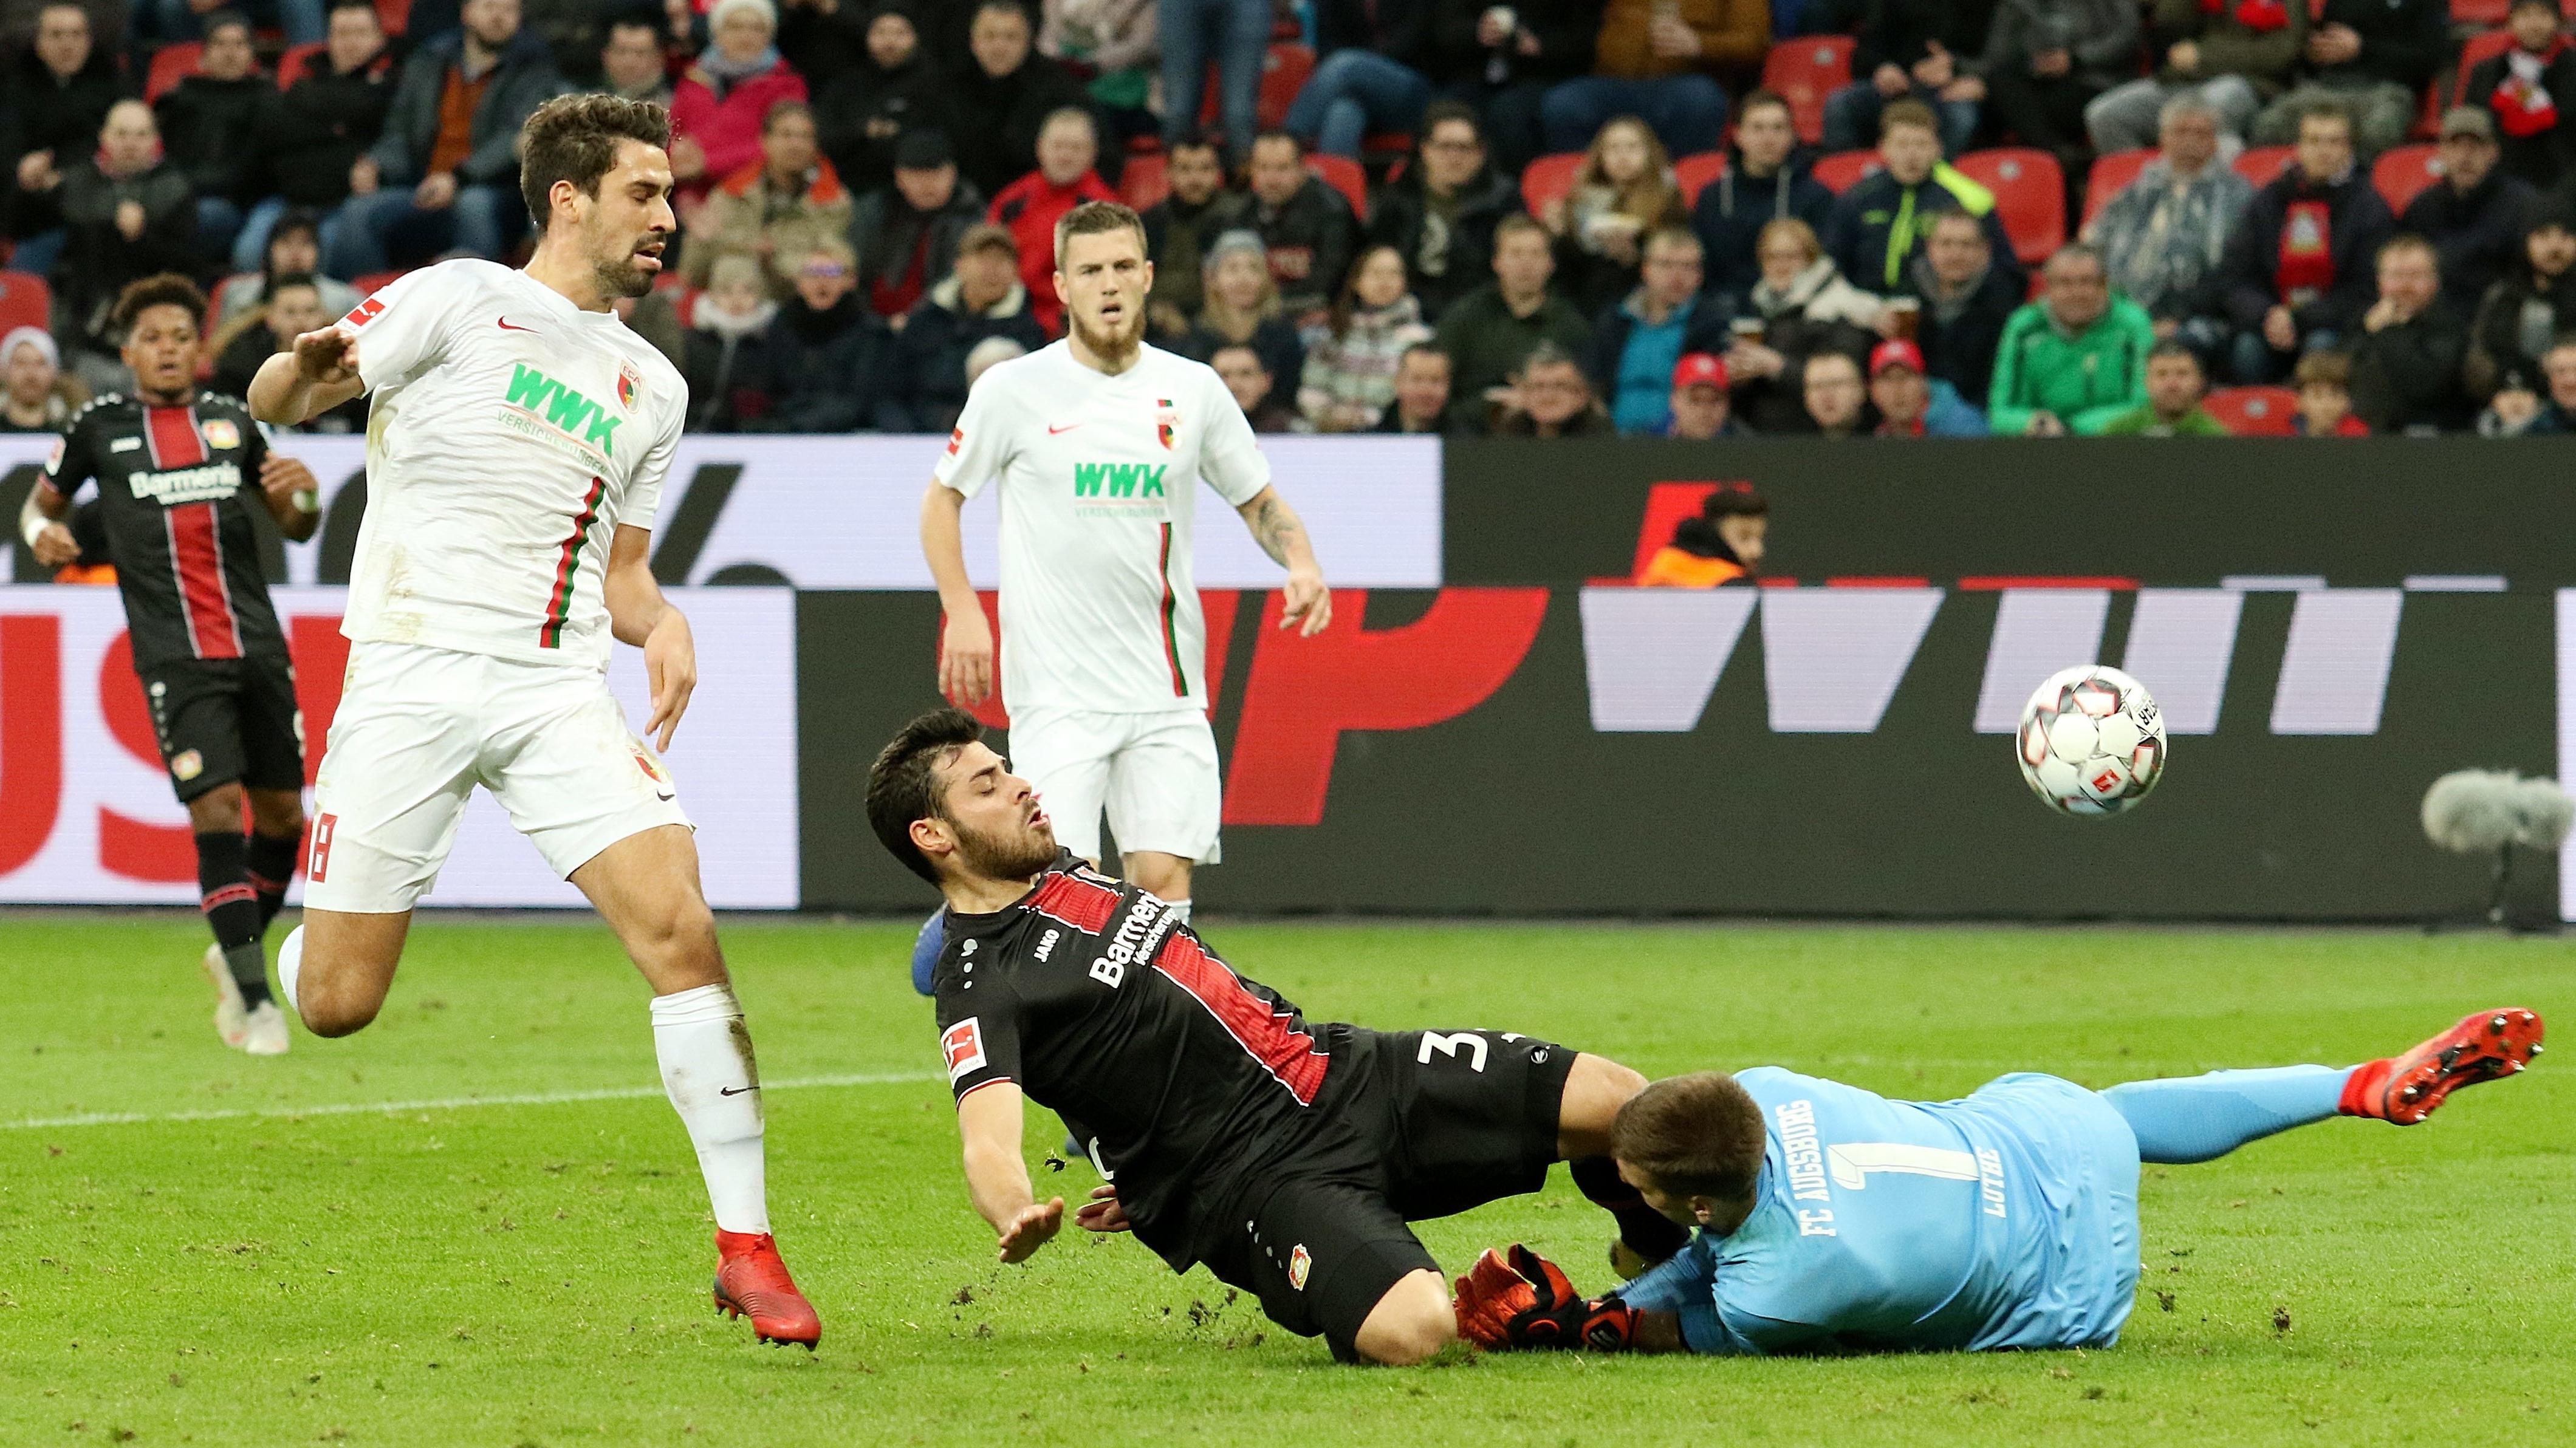 Bei diesem Zusammenprall mit Leverkusens Kevin Volland biss sich FC-Augsburg-Torwart Andreas Luthe ein Stück Zunge ab.